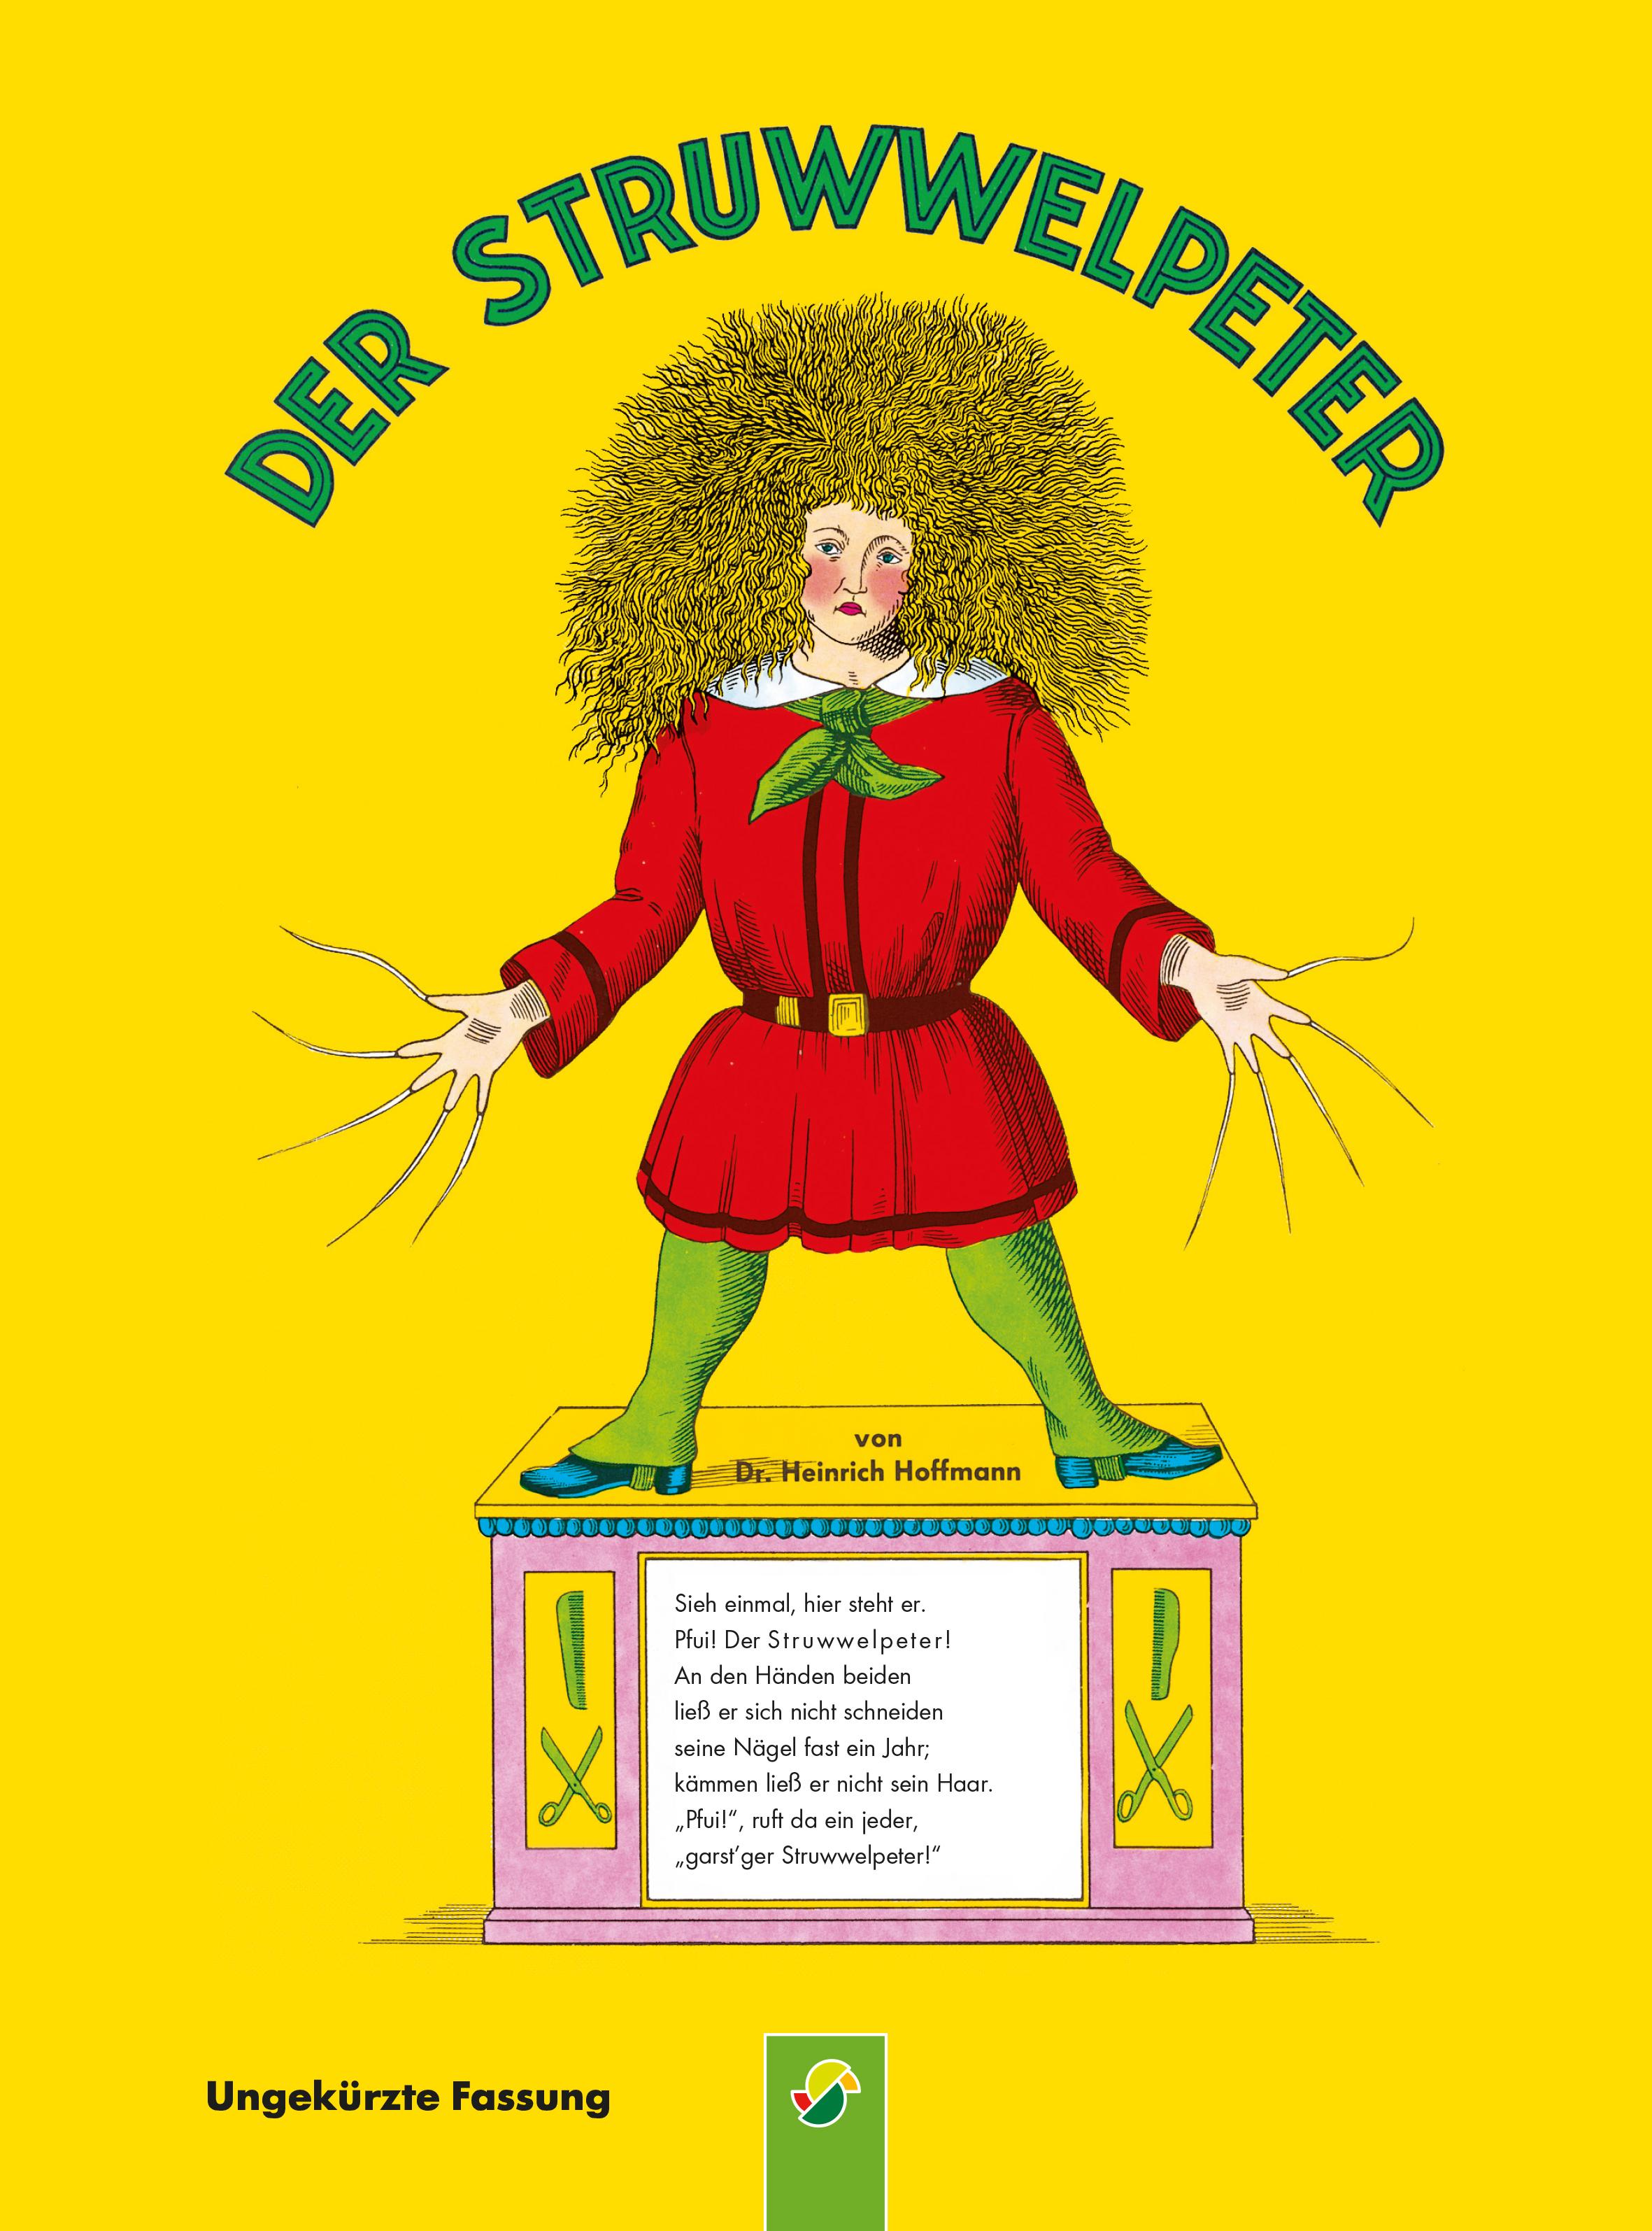 Dr. Heinrich Hoffmann Der Struwwelpeter - ungekürzte Fassung carolina reinhold die geschichte von dem spanischen baumeister und die geschichte vom leim und der mariandl zwei erzahlungen german edition